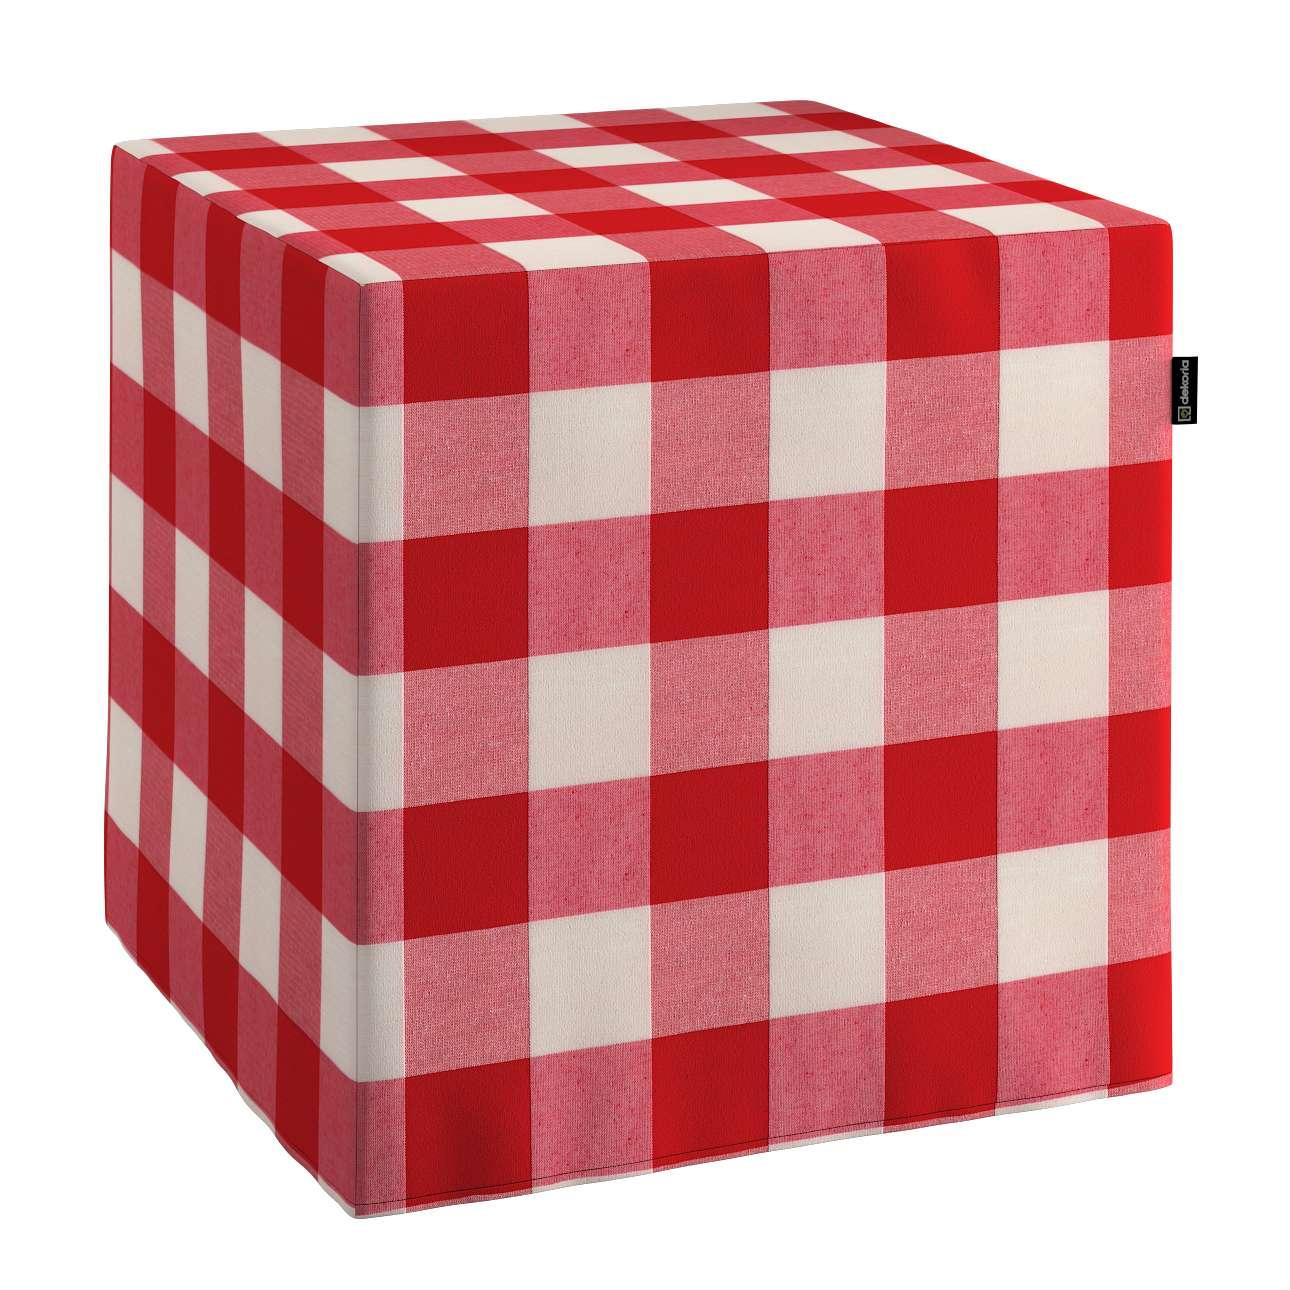 Taburetka tvrdá, kocka V kolekcii Quadro, tkanina: 136-18